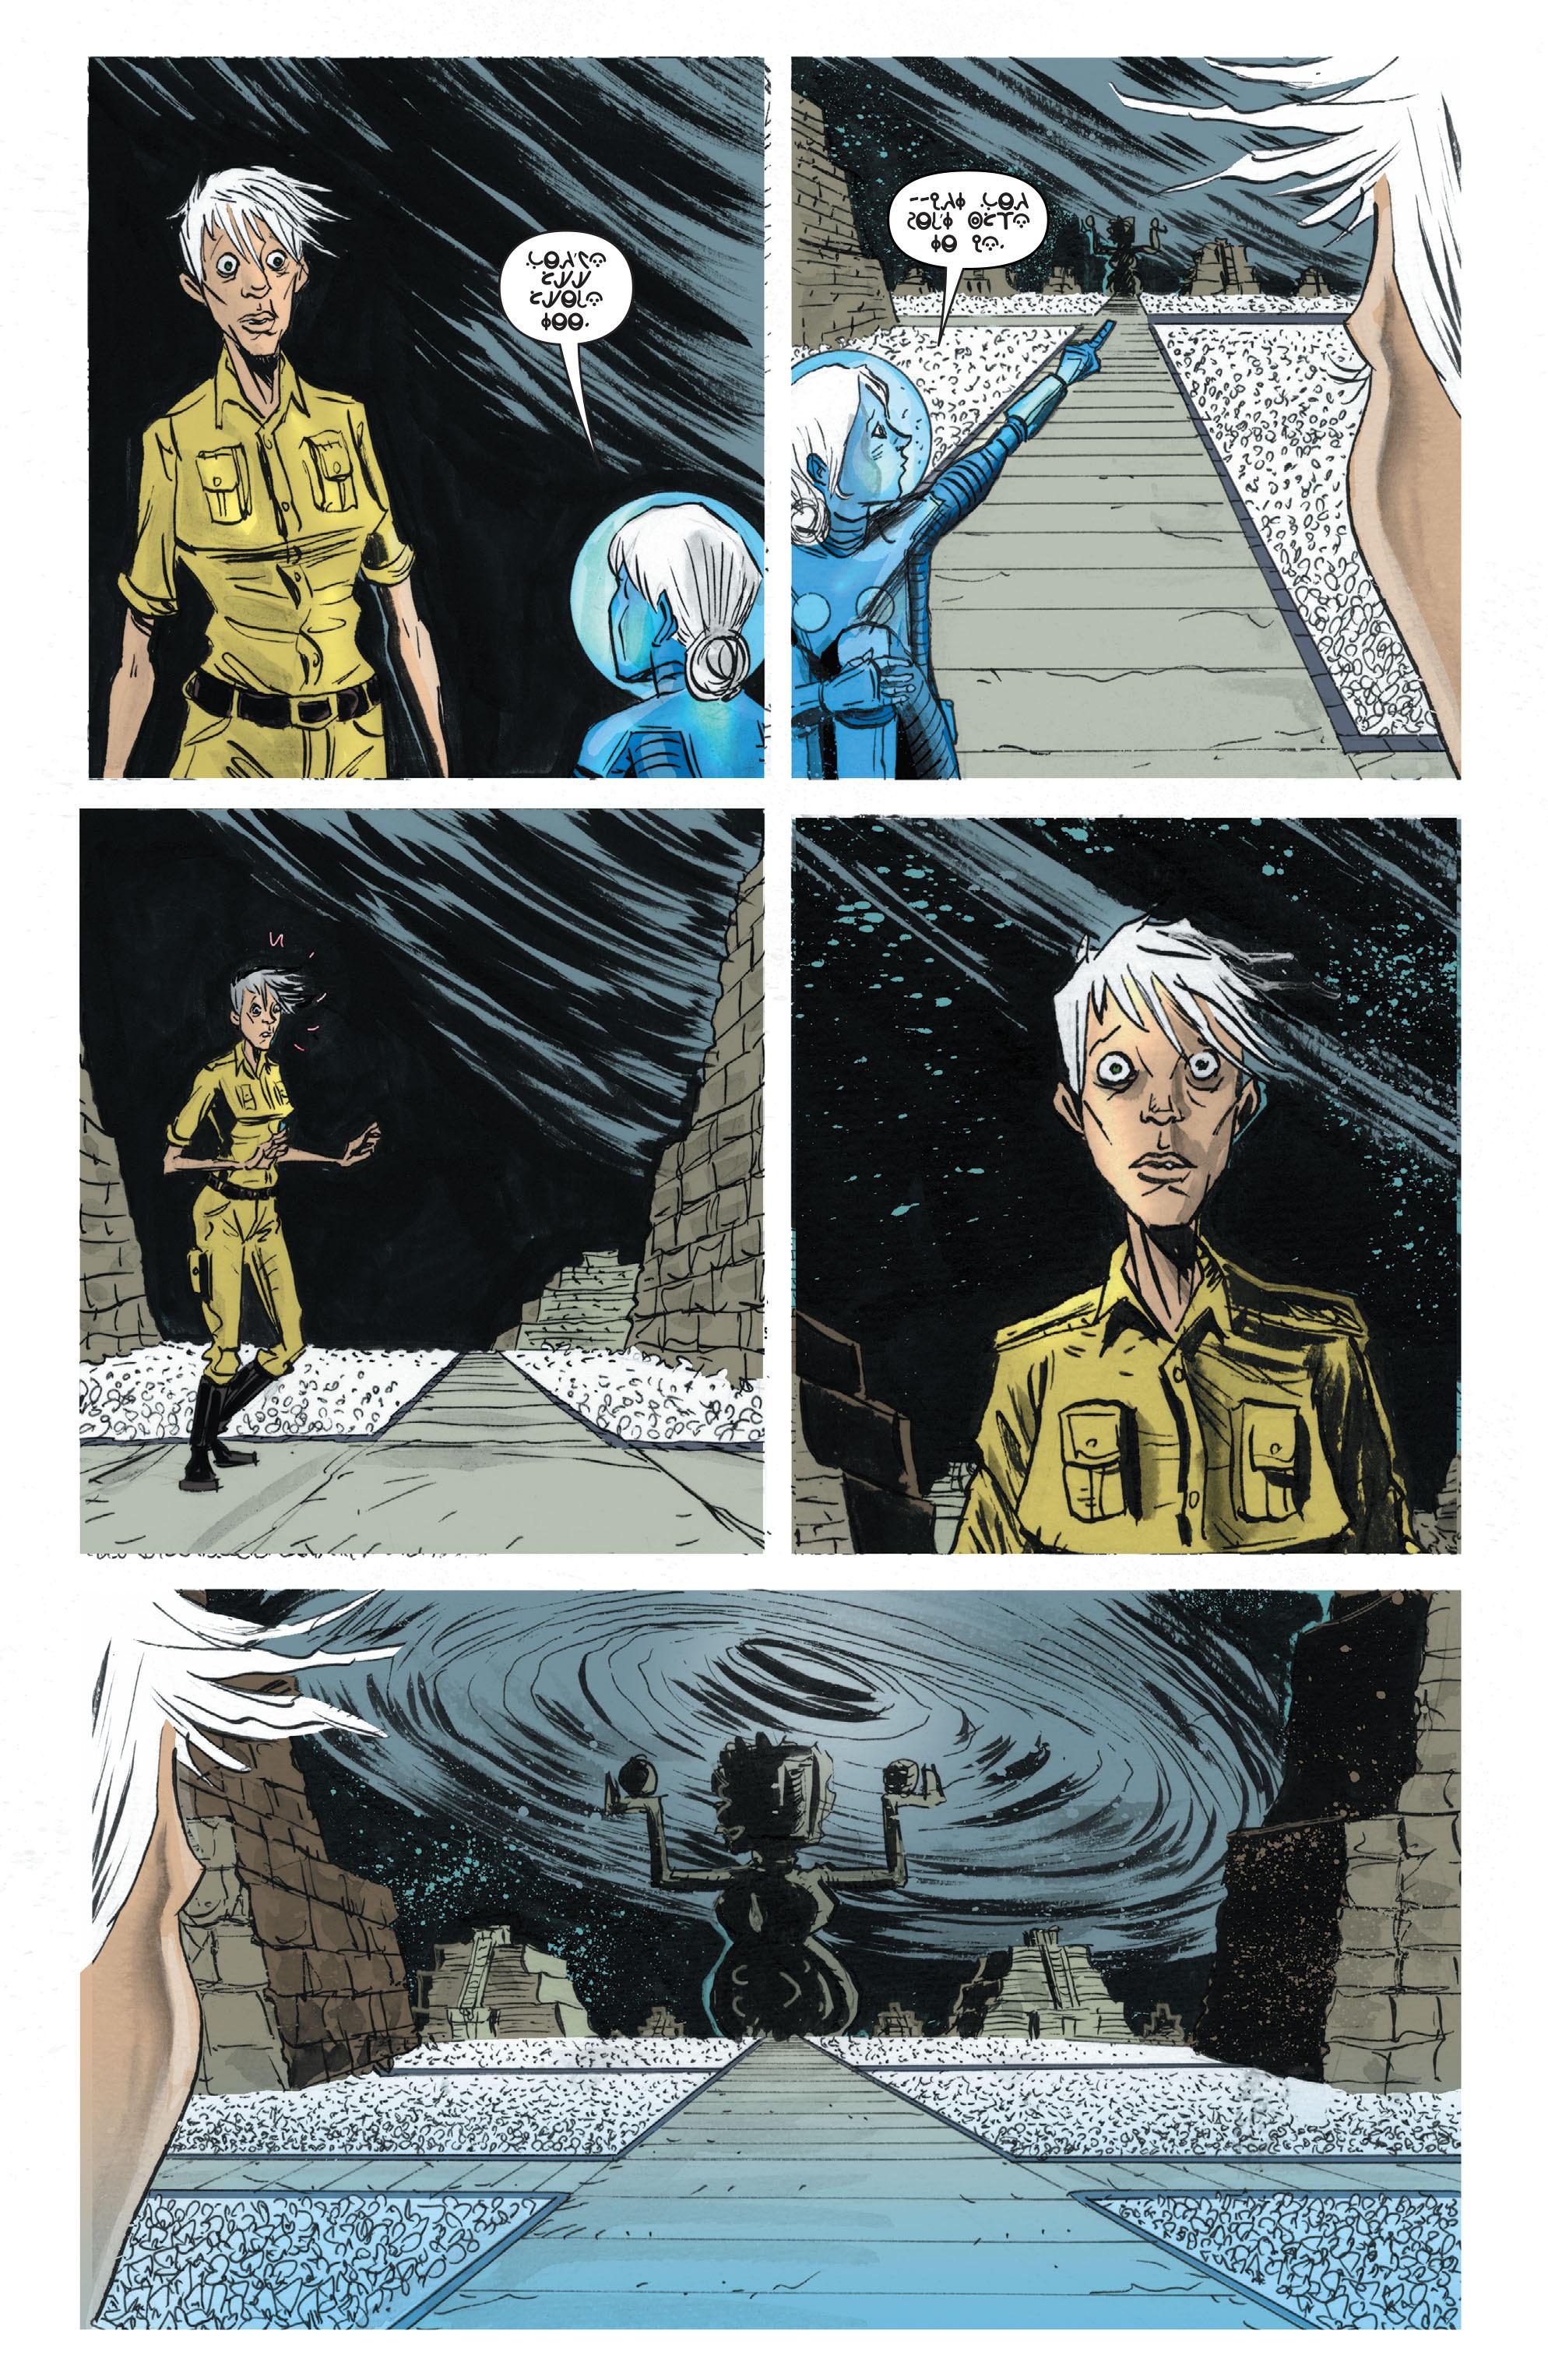 Read online Trillium comic -  Issue # TPB - 174